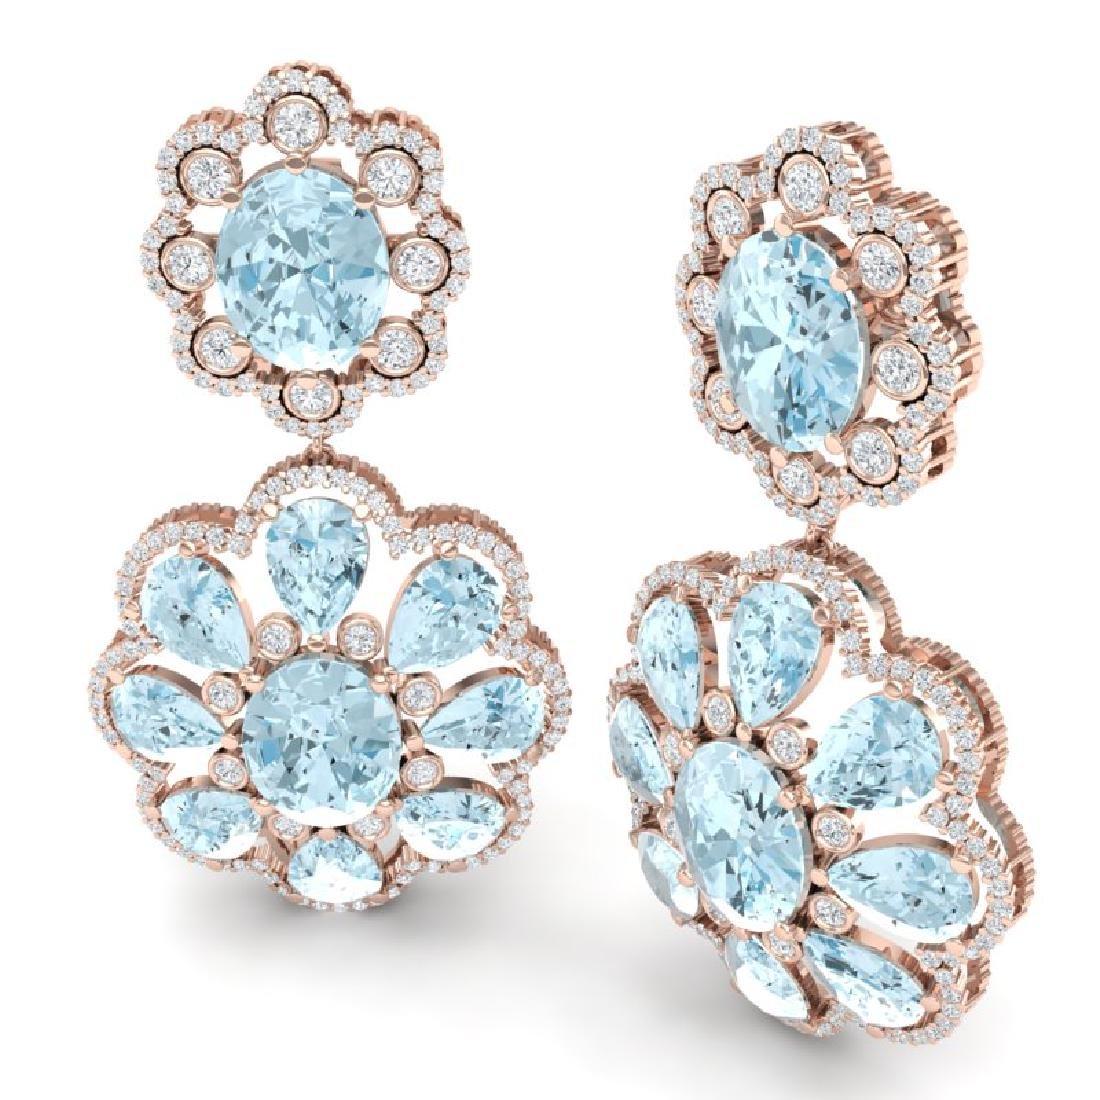 32.99 CTW Royalty Sky Topaz & VS Diamond Earrings 18K - 3